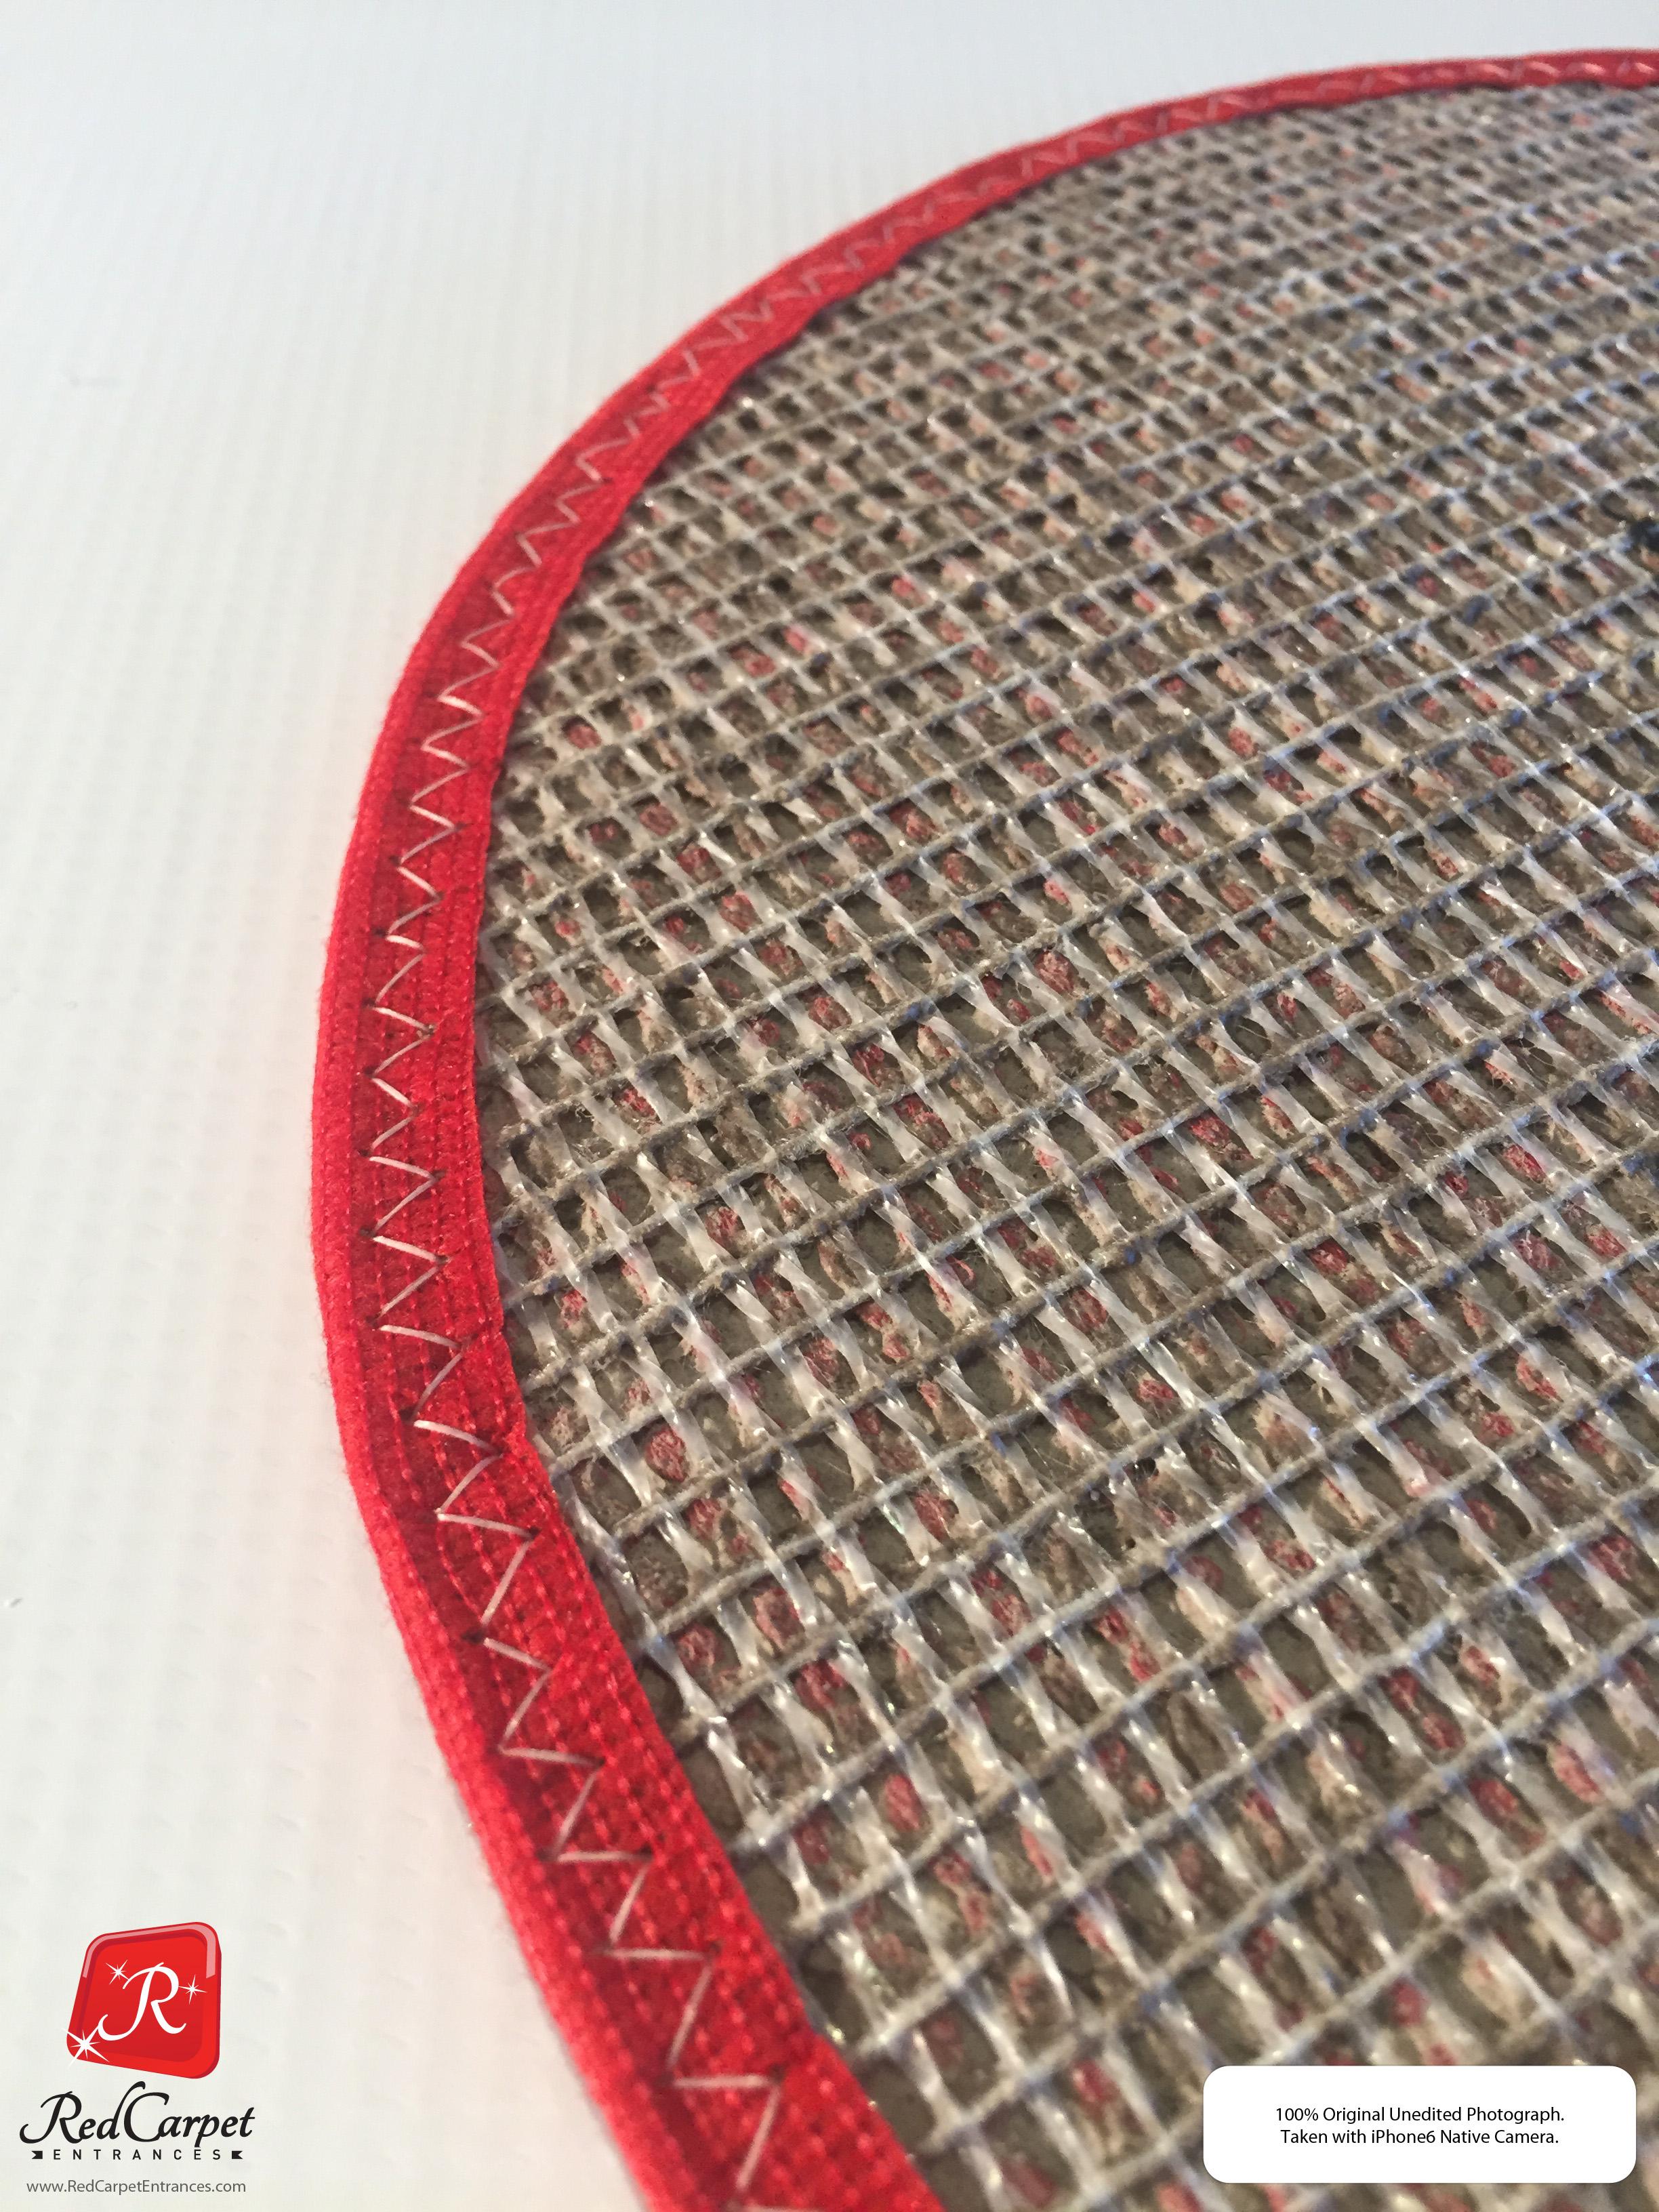 nylon backed bound logo rug